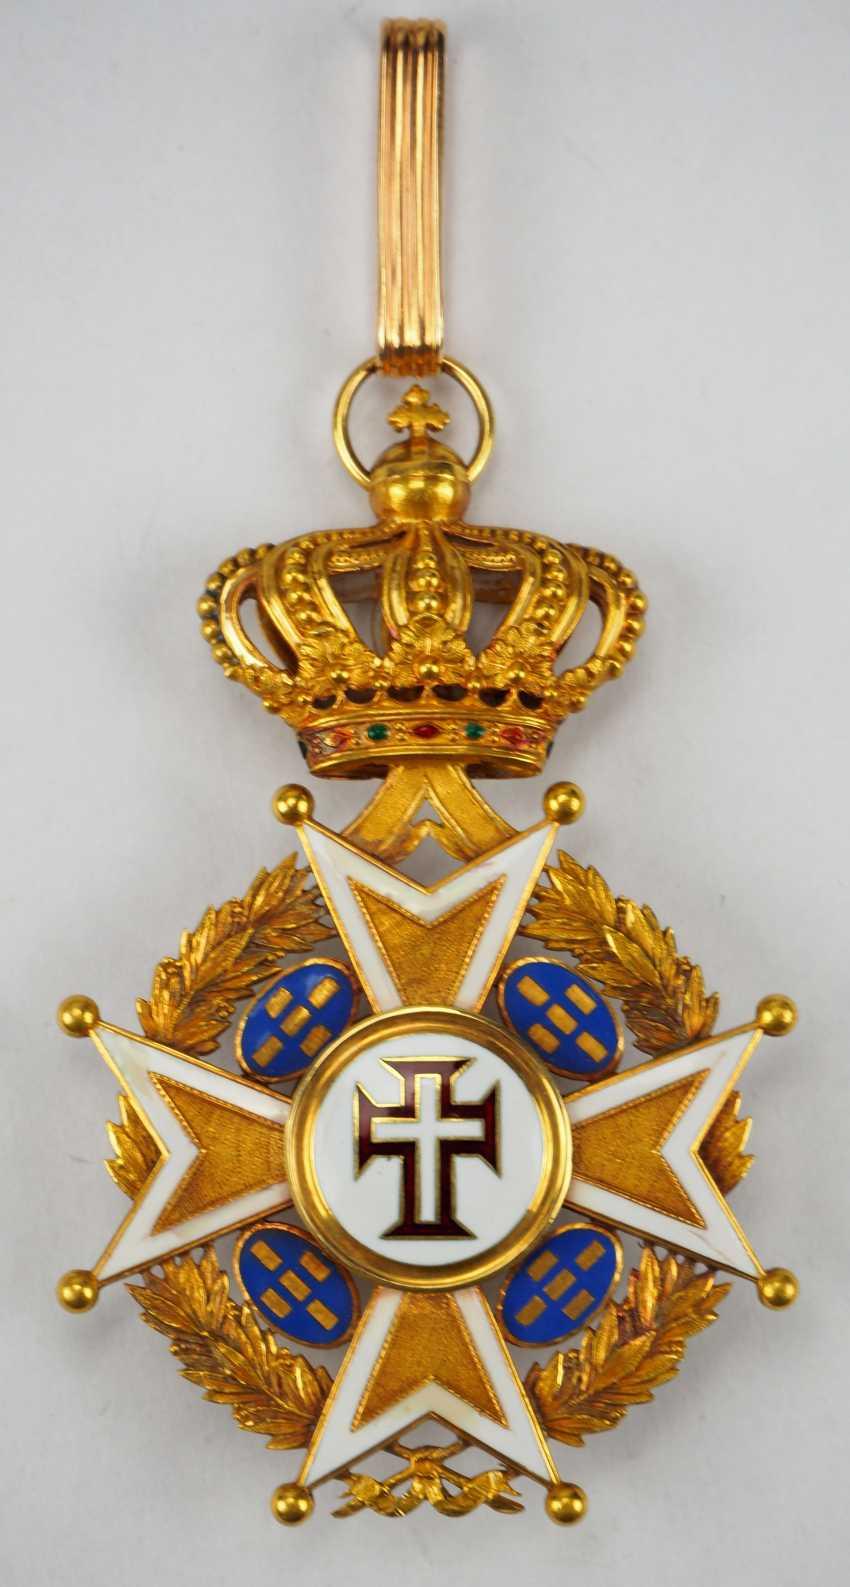 PortugaLänge: Militärischer Orden unseres Herrn Jesus Christus, 2. Modell (1789-1910), Kommandeur. - photo 1